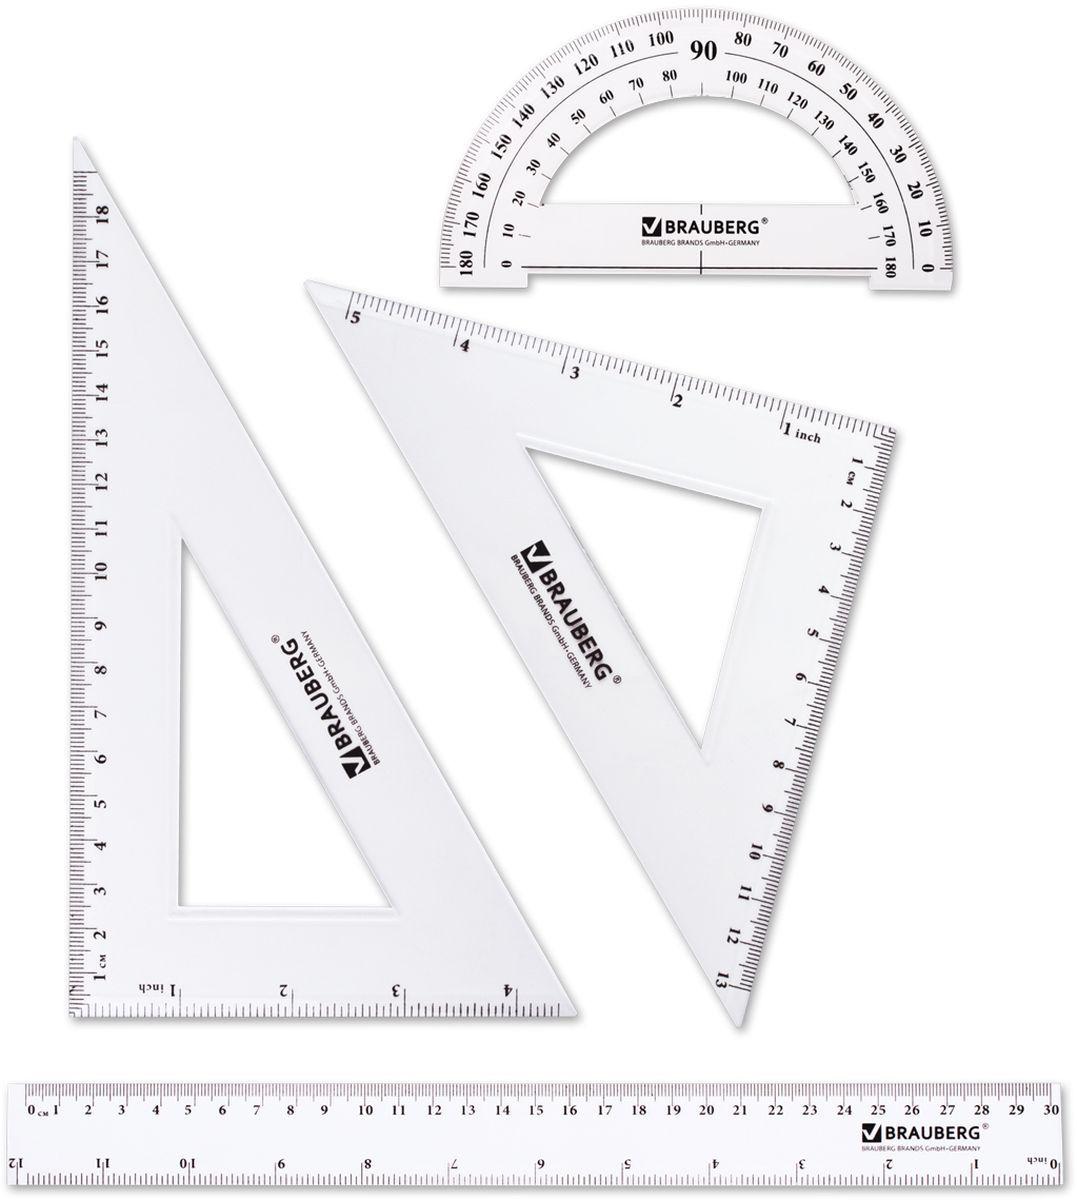 Brauberg Набор чертежный 4 предмета 210308210308Набор геометрический Brauberg из прозрачного, прочного пластика толщиной 2 мм. Предназначен для чертёжных работ.Набор включает в себя четыре предмета: линейка со шкалами 30 см/12, треугольник с углами 30°/60° и шкалами 19 см/4, треугольник с углами 45°/45° и шкалами 13 см/5, транспортир 180°.